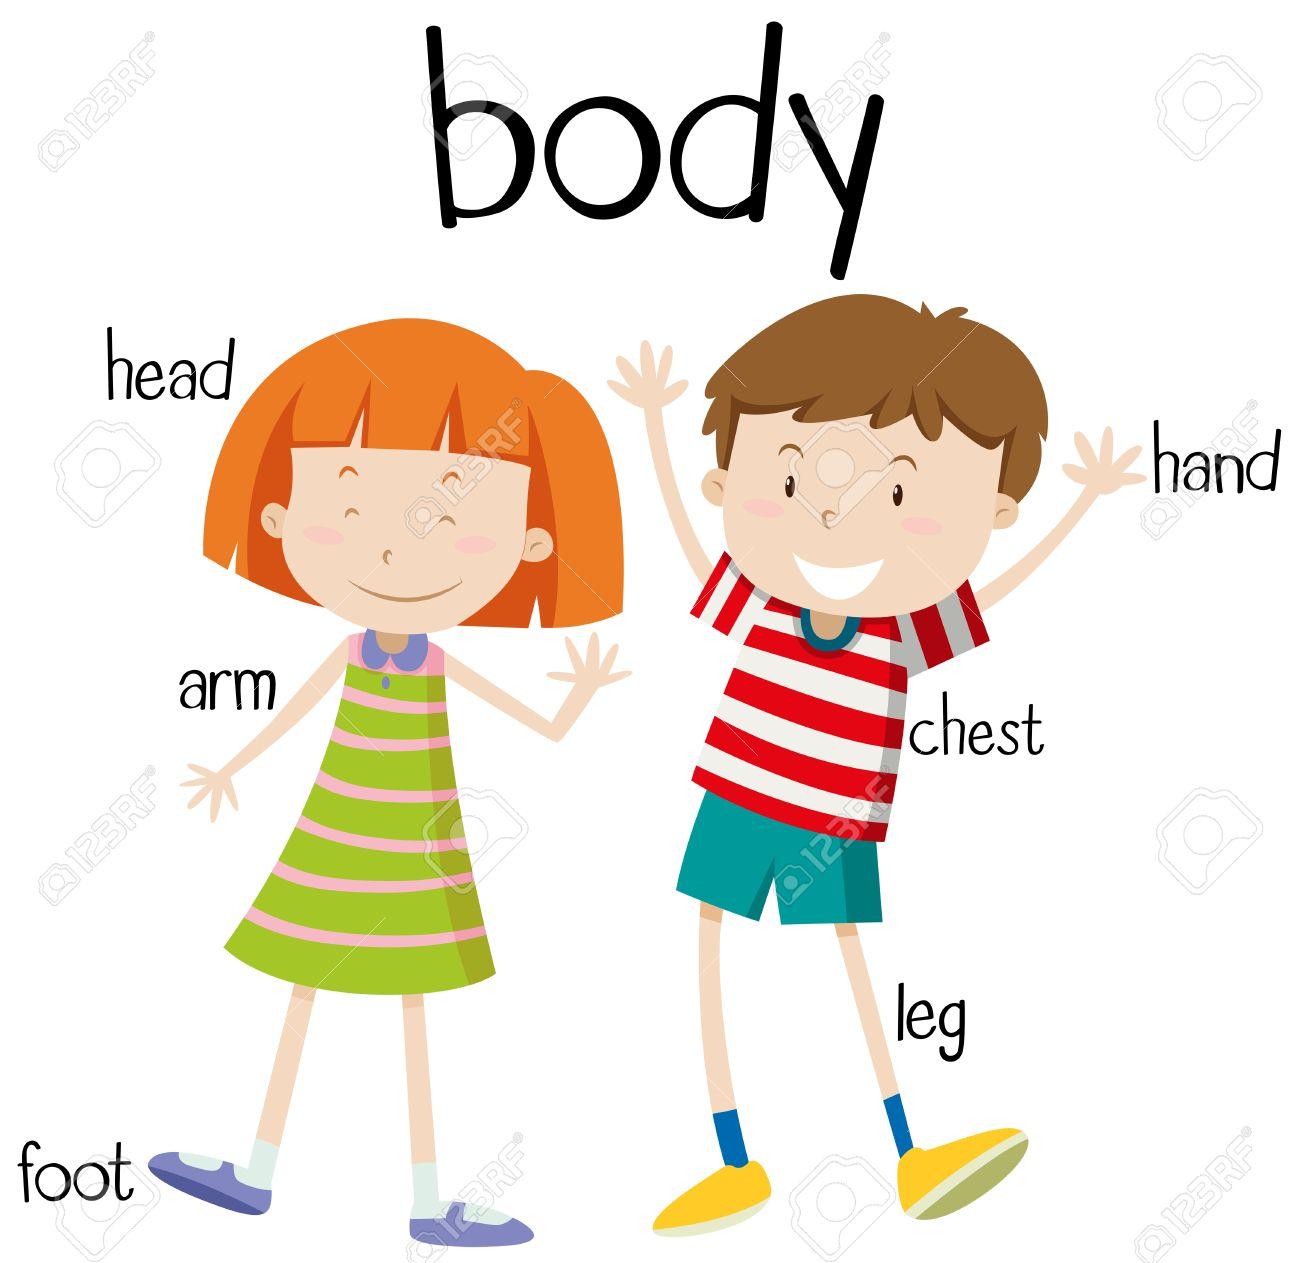 Menschliche Körperteile Diagrammdarstellung Lizenzfrei Nutzbare ...